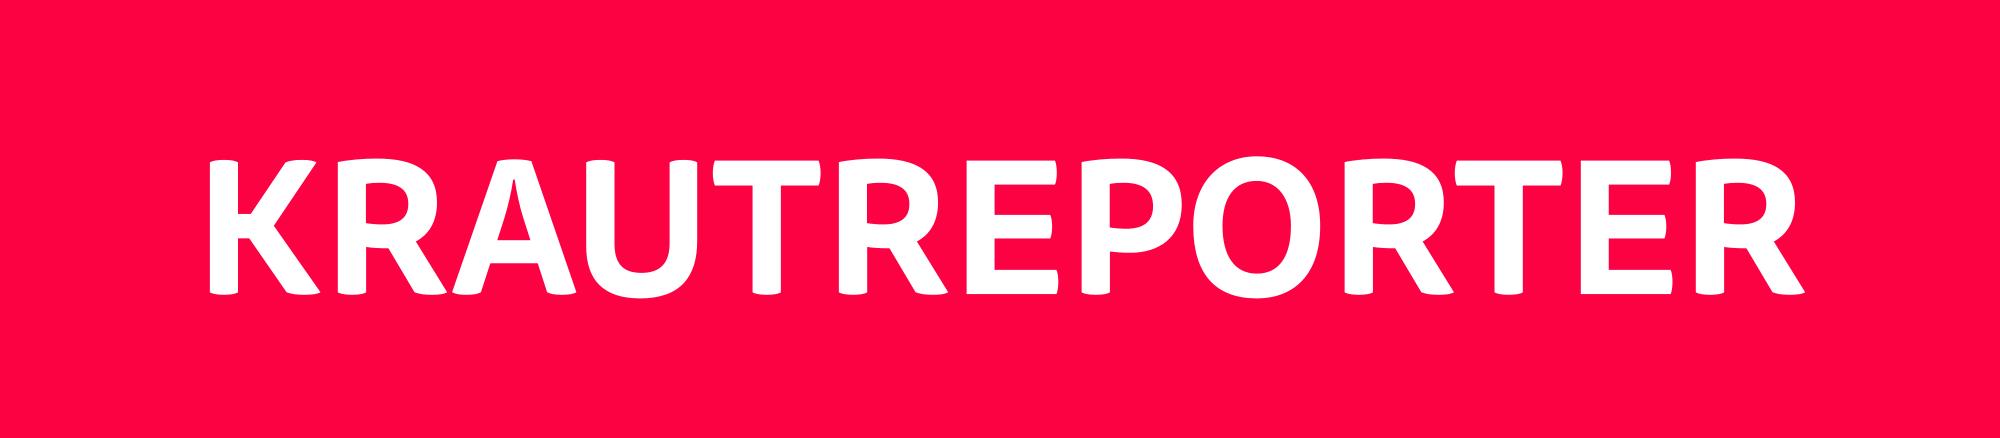 Krautreporter_logo.svg